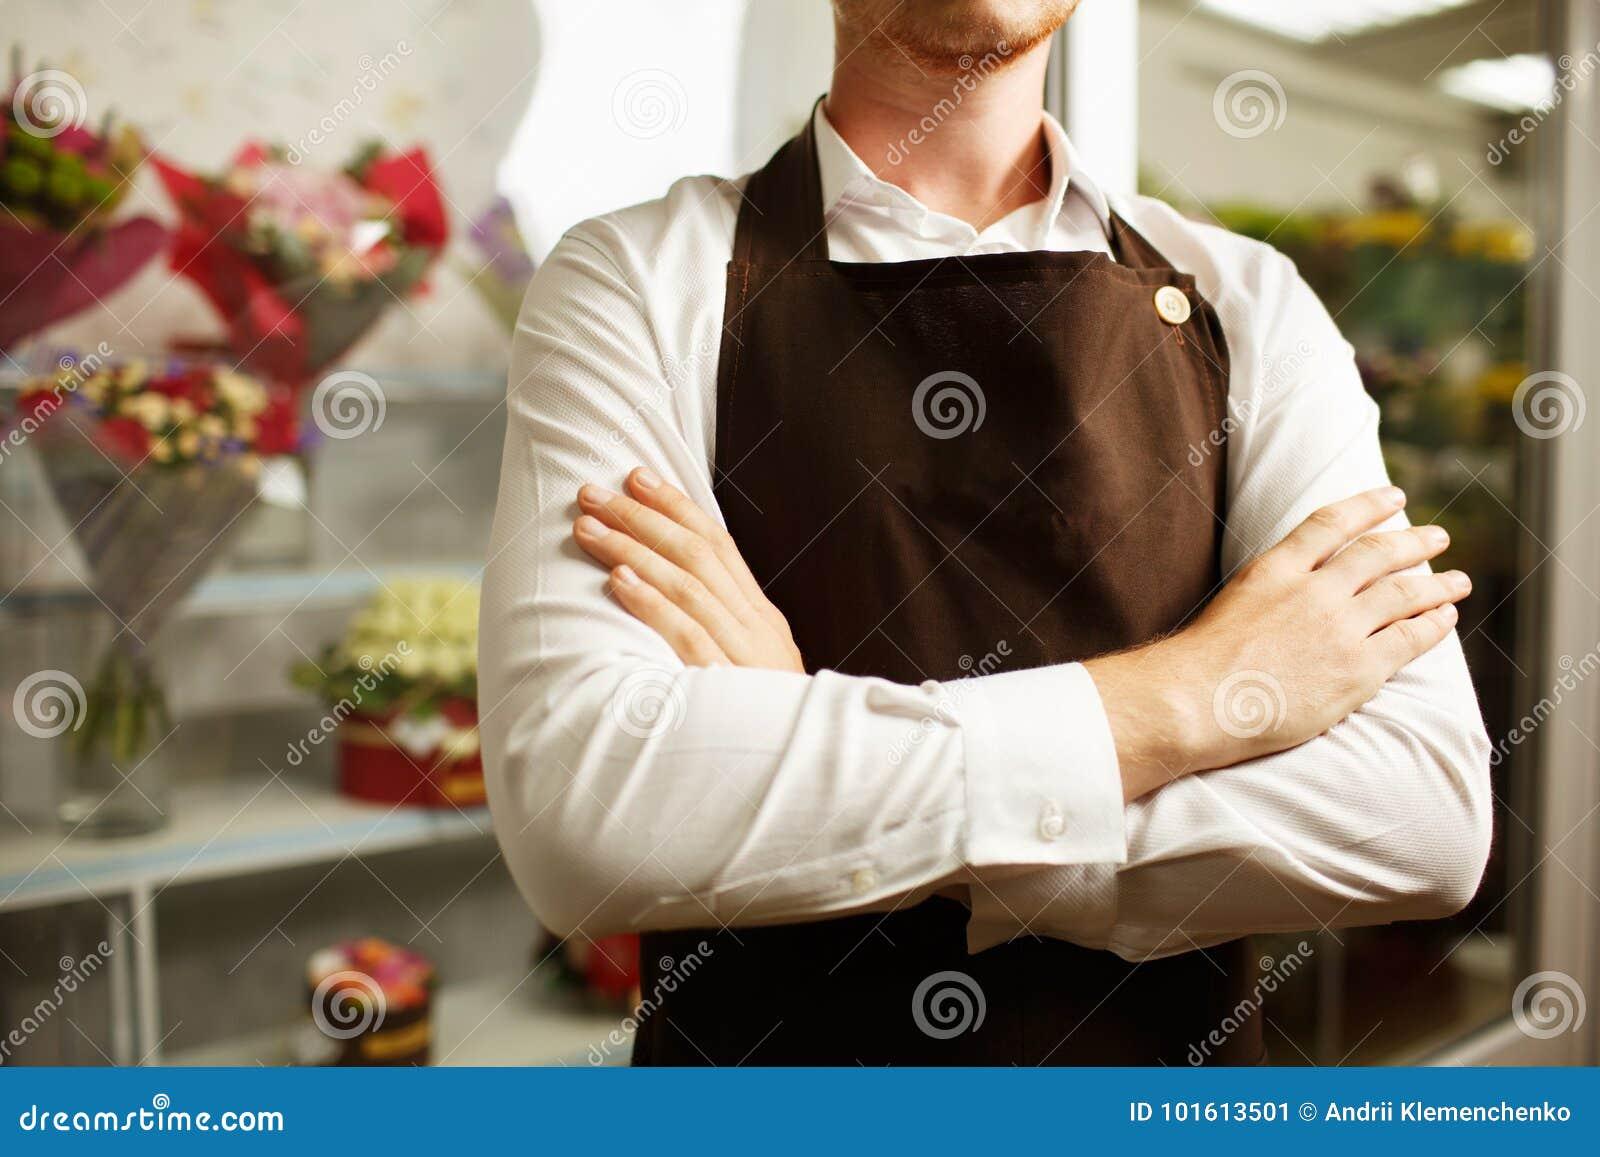 Close-up of a confident florist in a brown apron on a shop background. Florist uniform concept.